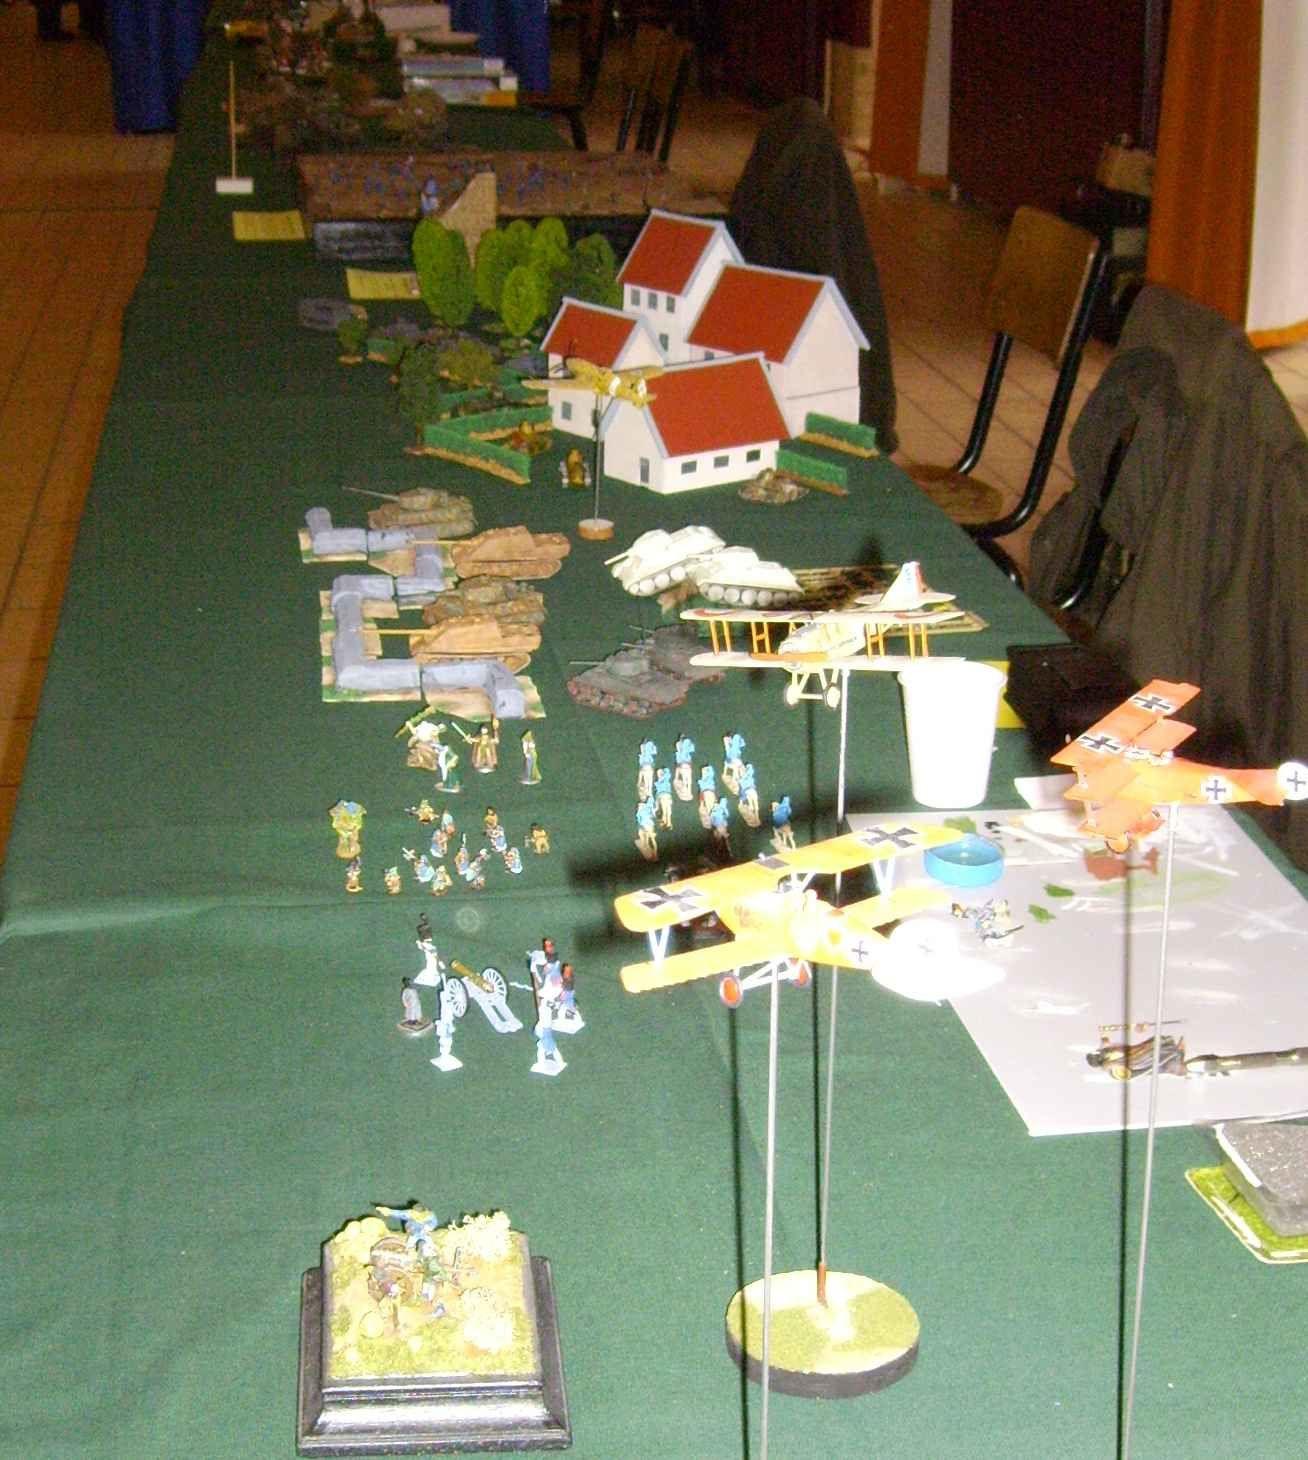 Exposition du 28 02 2009 au 1 03 2009 à Pithiviers